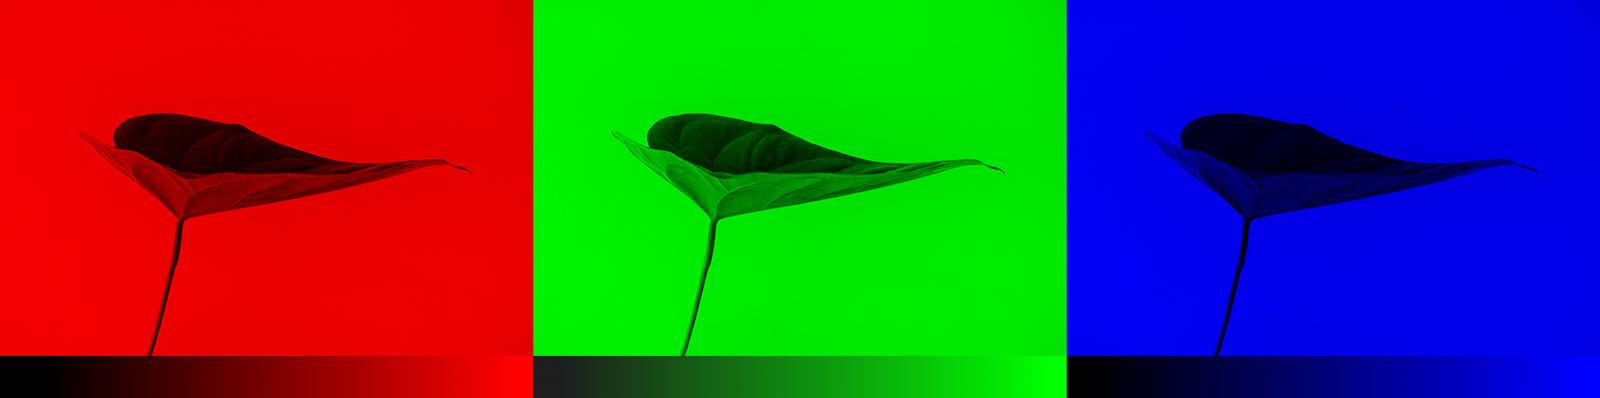 Раскрашиваем чёрно-белую фотографию с помощью нейросети из 100 строк кода - 4